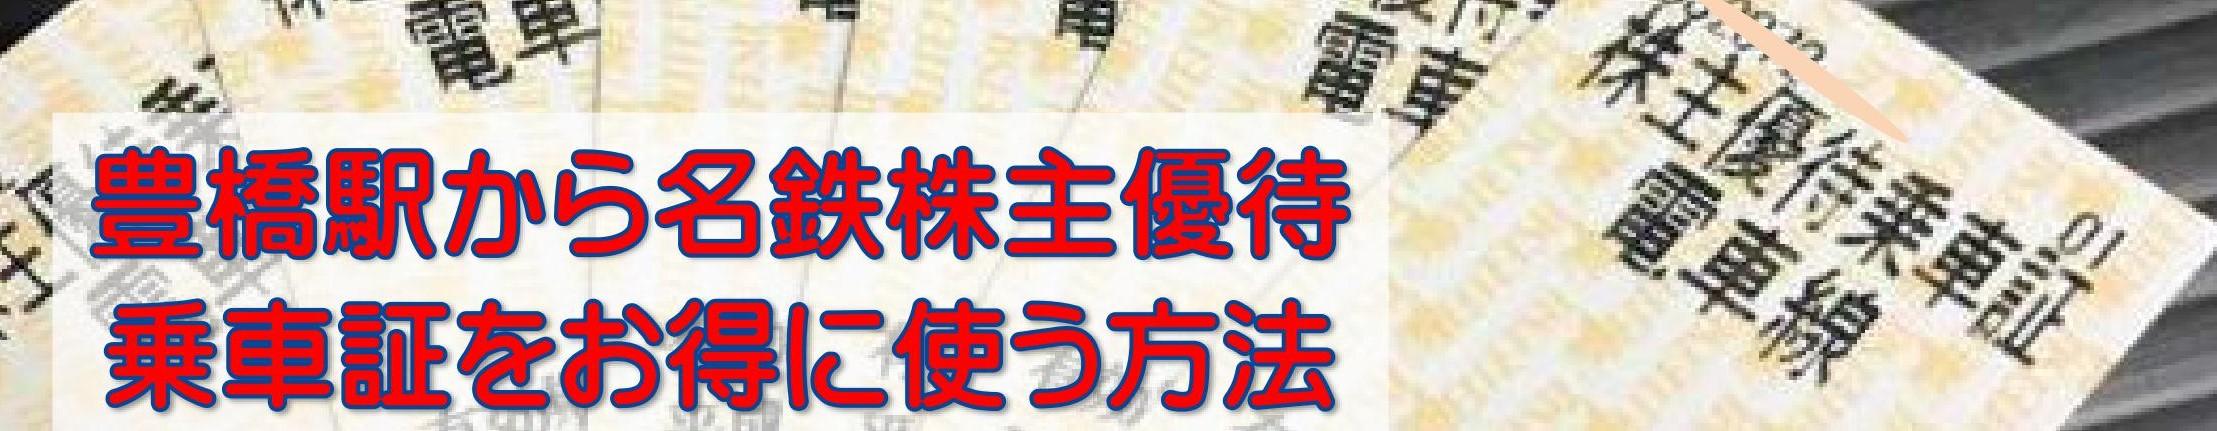 豊橋金券ショップフリーチケット|名鉄株主優待乗車証